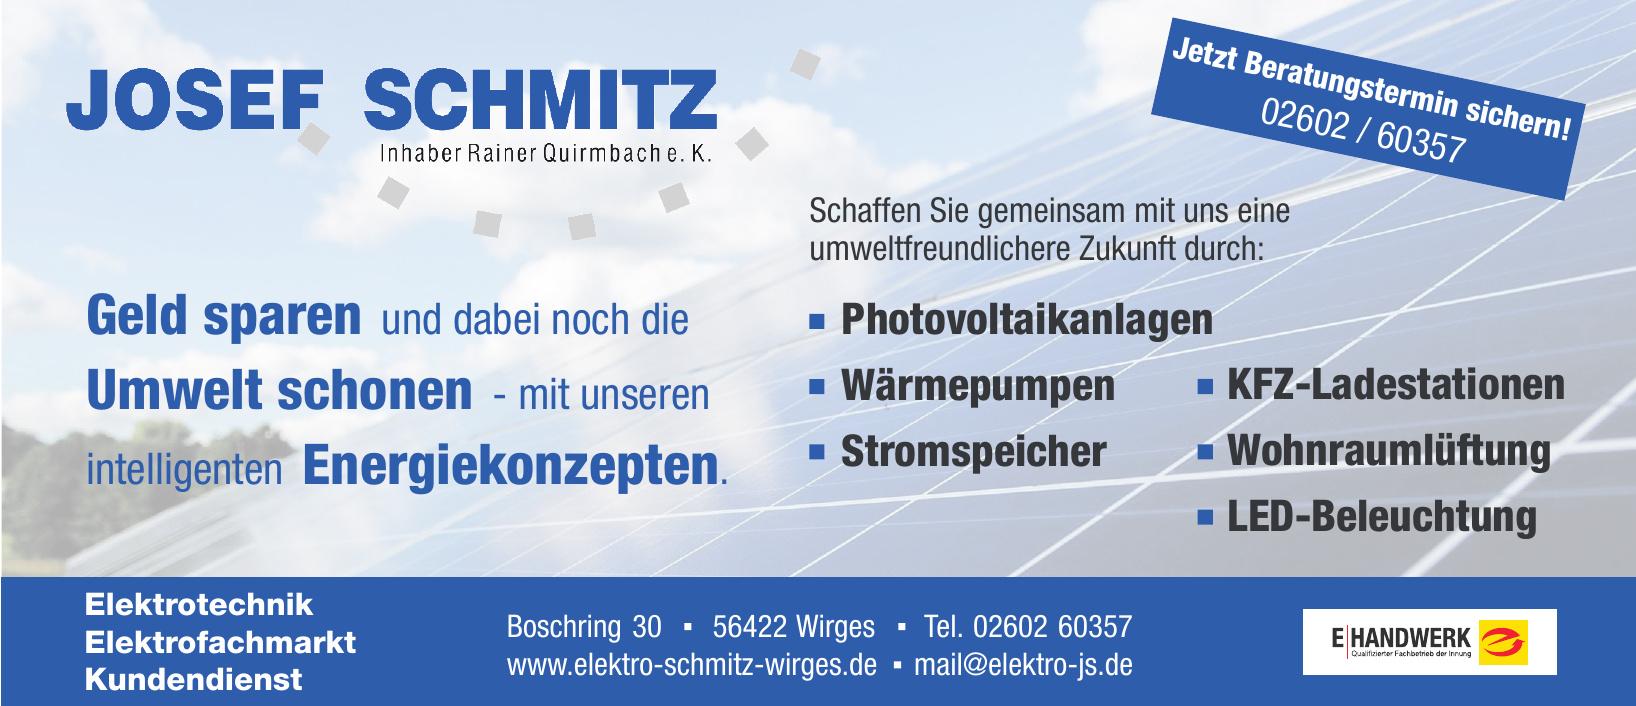 Josef Schmitz Inhaber Rainer Quirmbach e. K.